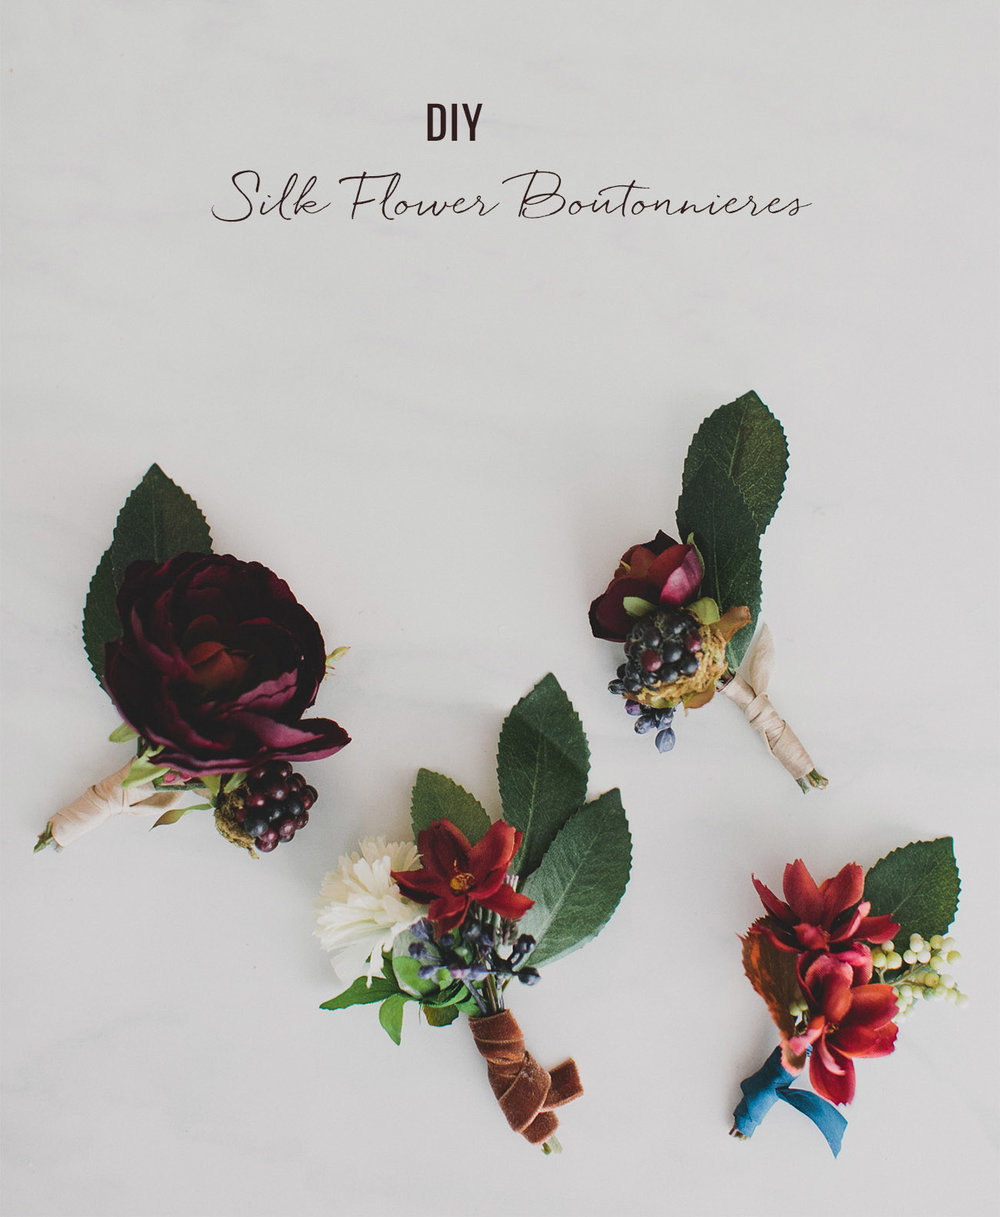 DIY_Silk_Flower_Boutonnieres.jpg